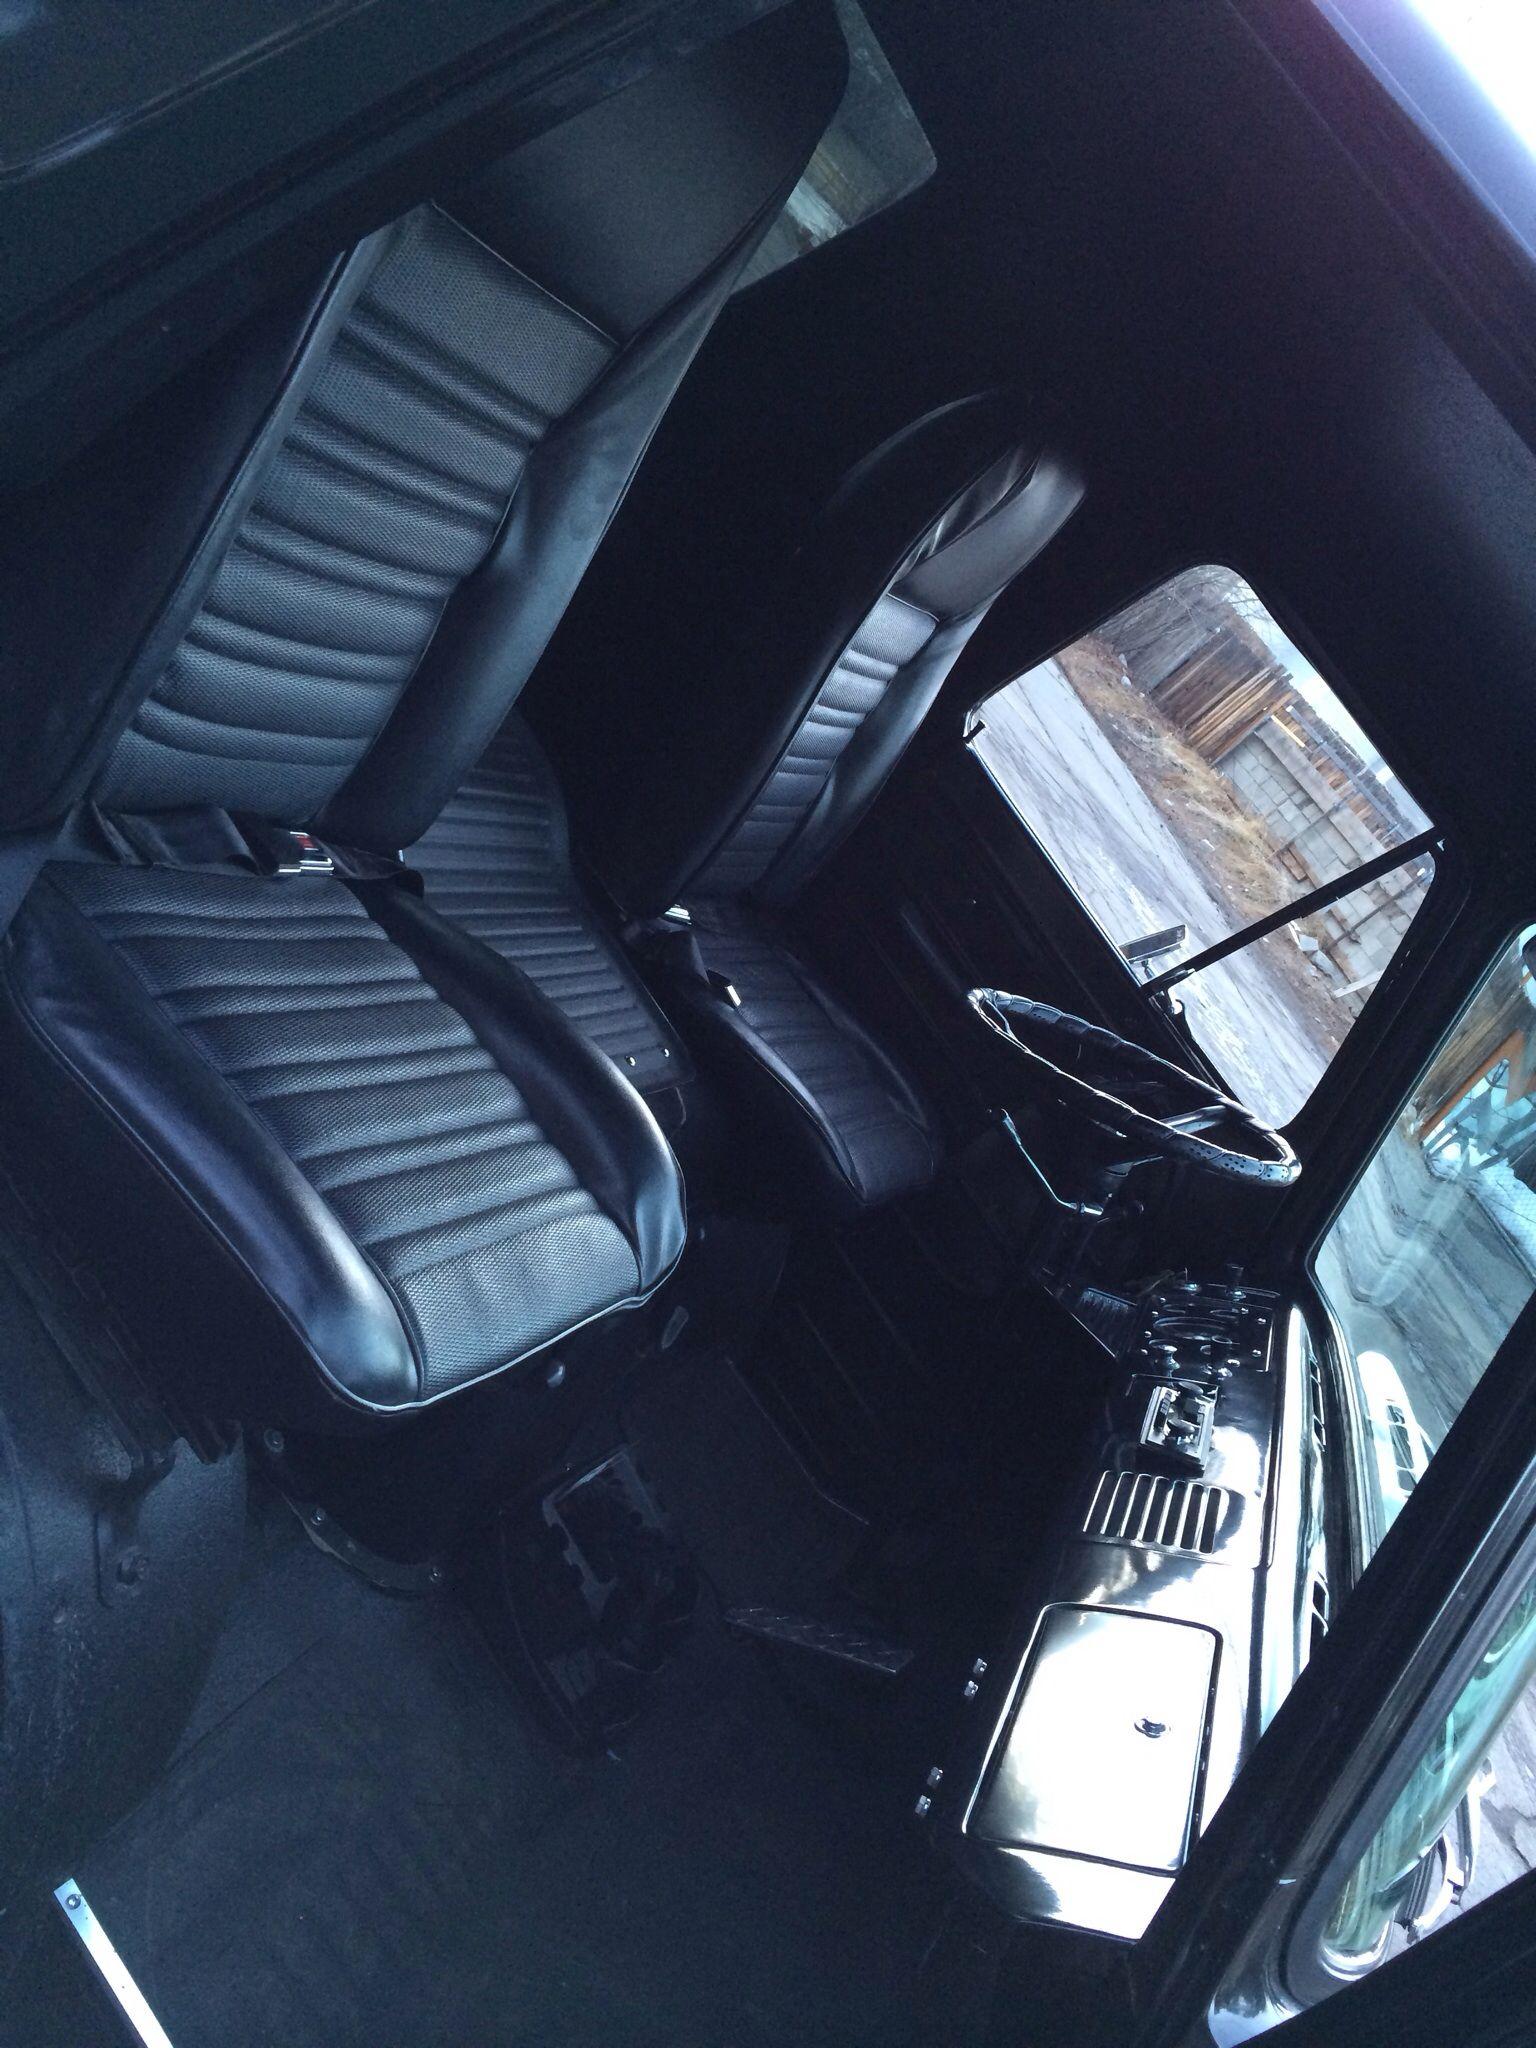 1961 Ford Falcon Econoline Truck interior